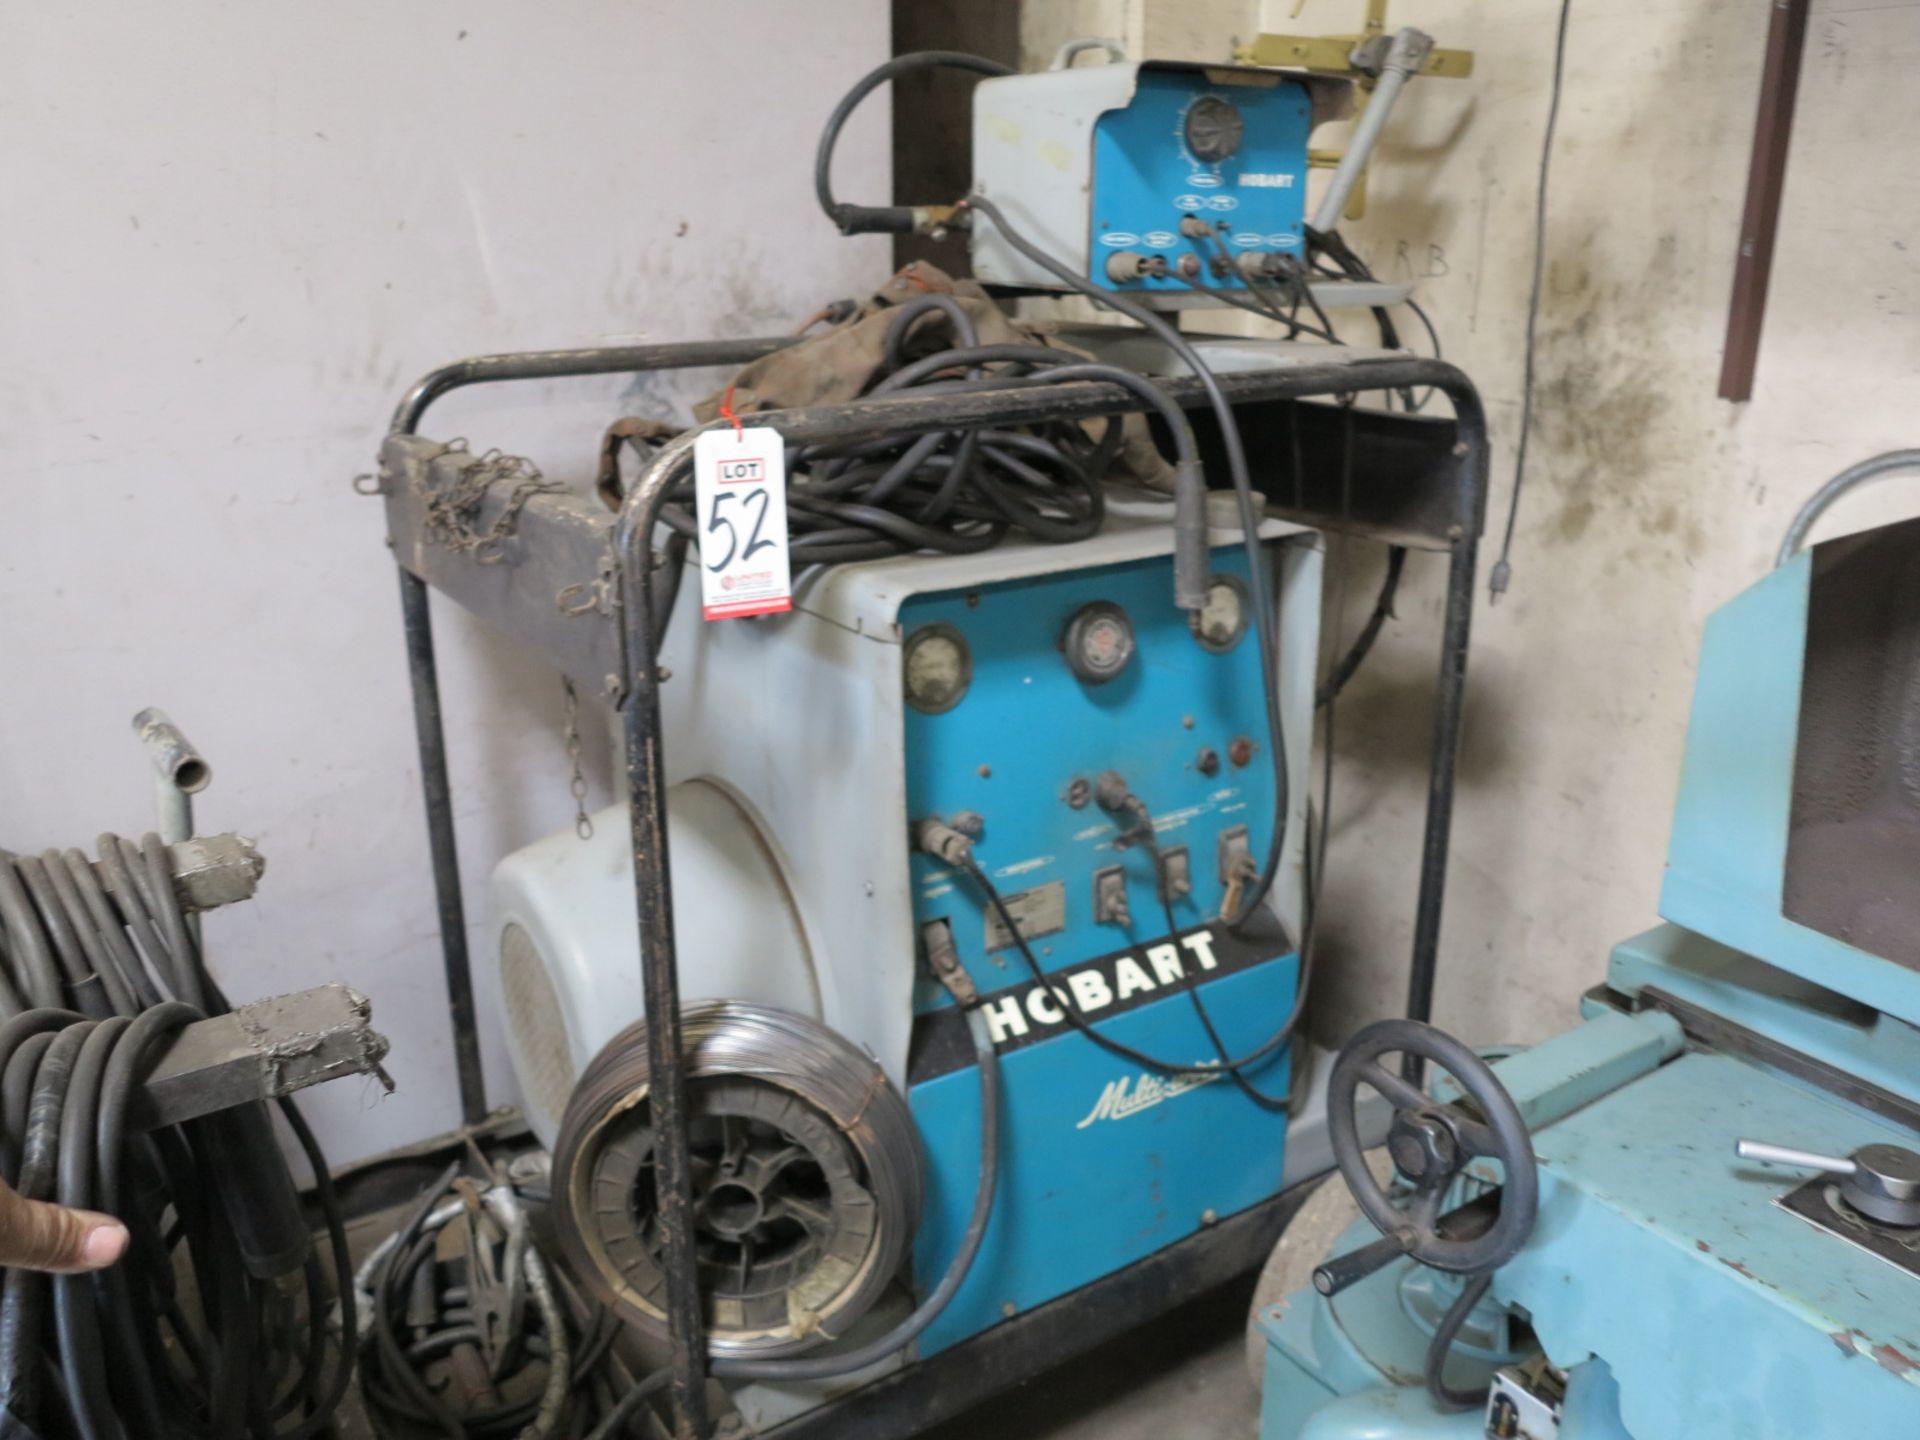 Lot 52 - HOBART MULTI-WIRE WELDER, MODEL MC-500, 30 HP, 500 AMP, 3-PHASE, 220/440V, S/N 16DW-9672